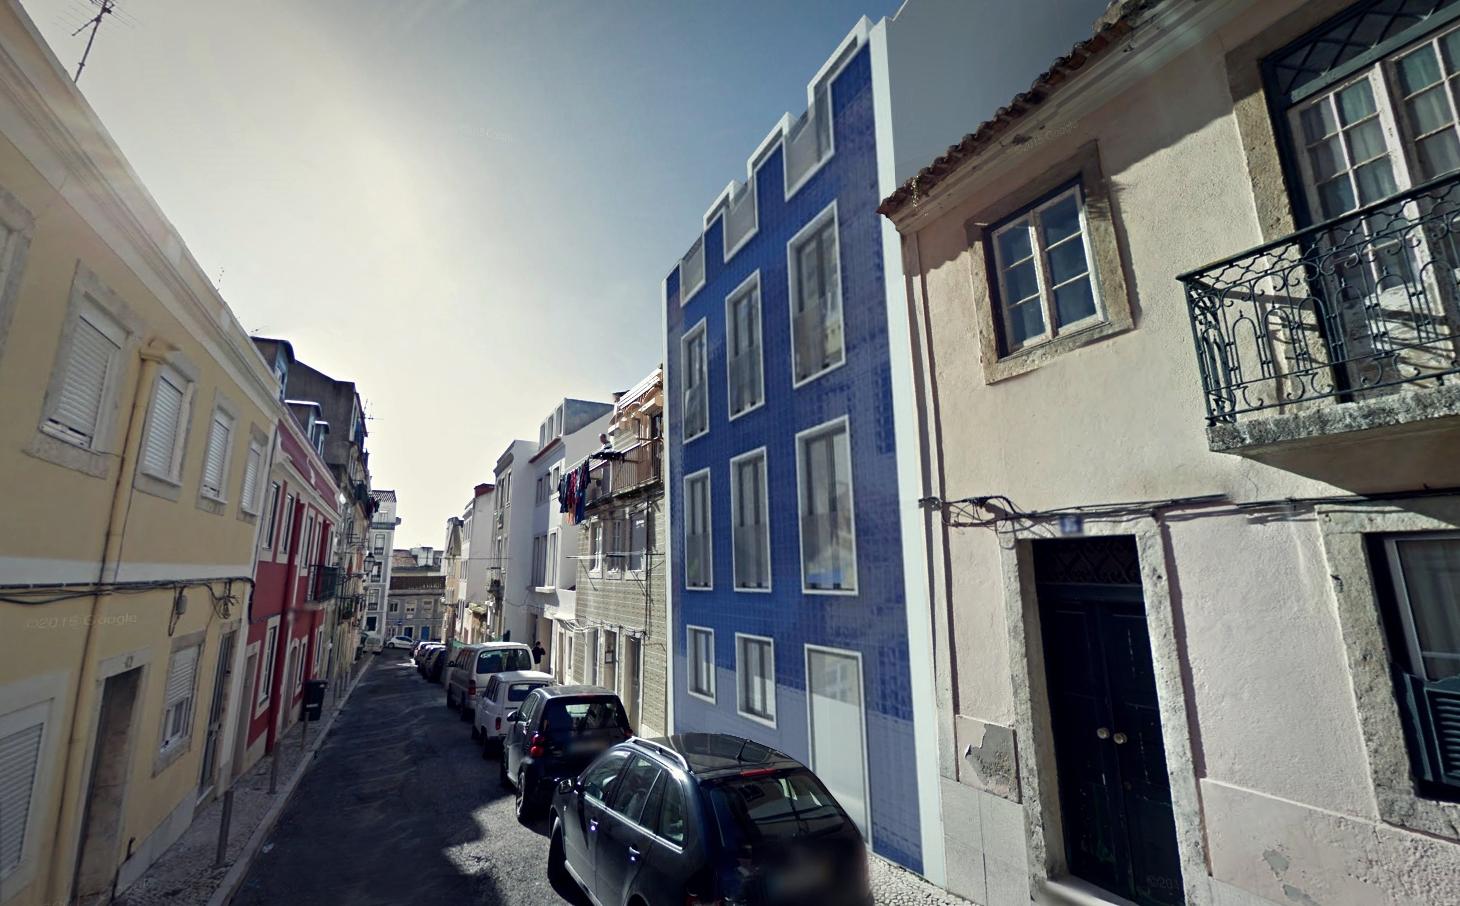 Montagem Rua_azul